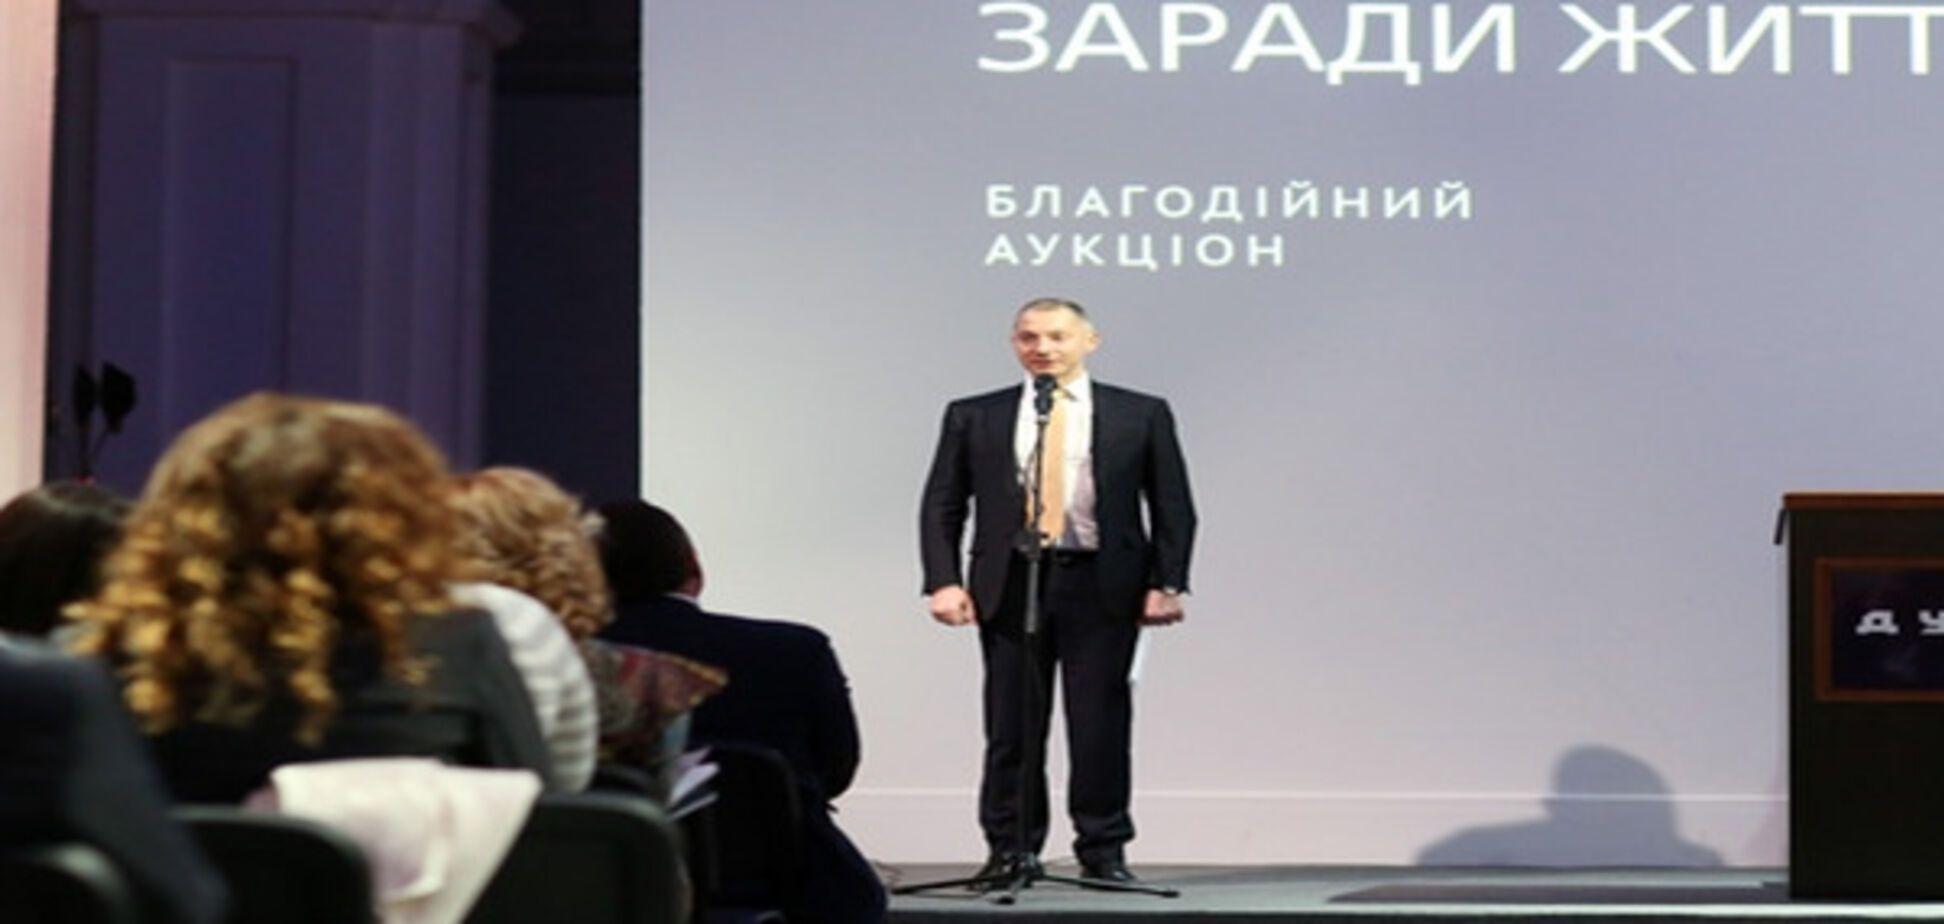 Борис Ложкин задекларировал коллекцию картин, книг и беговую дорожку